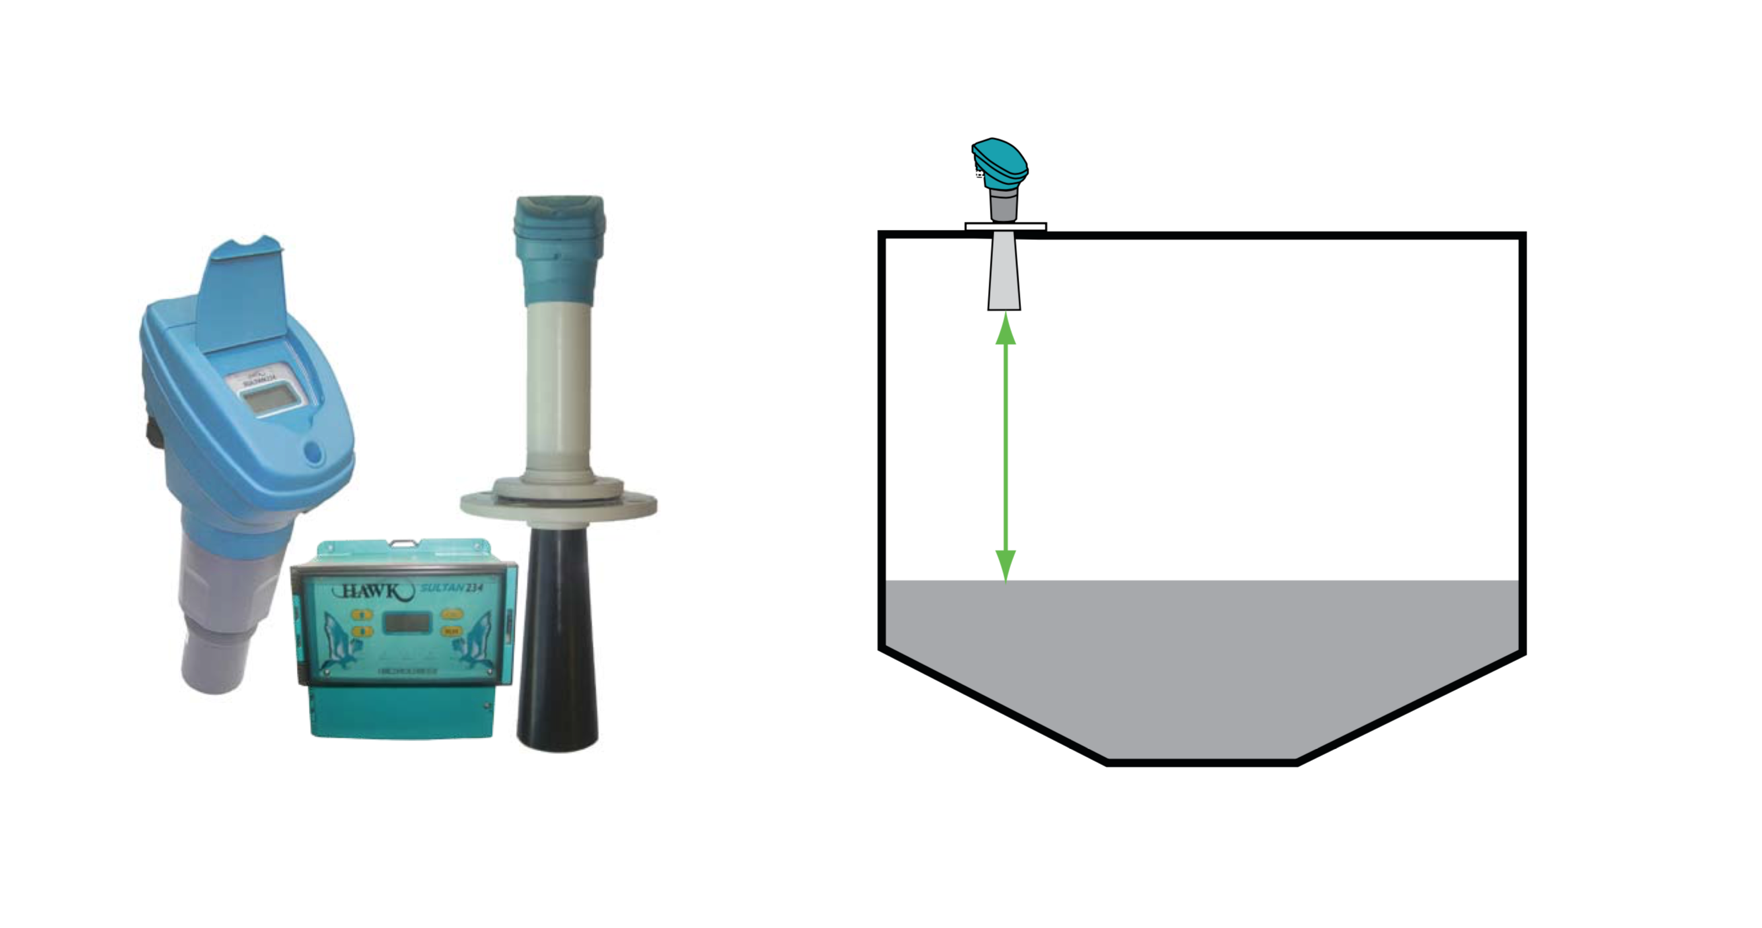 Lắp đặt cảm biến đo mức dạng siêu âm